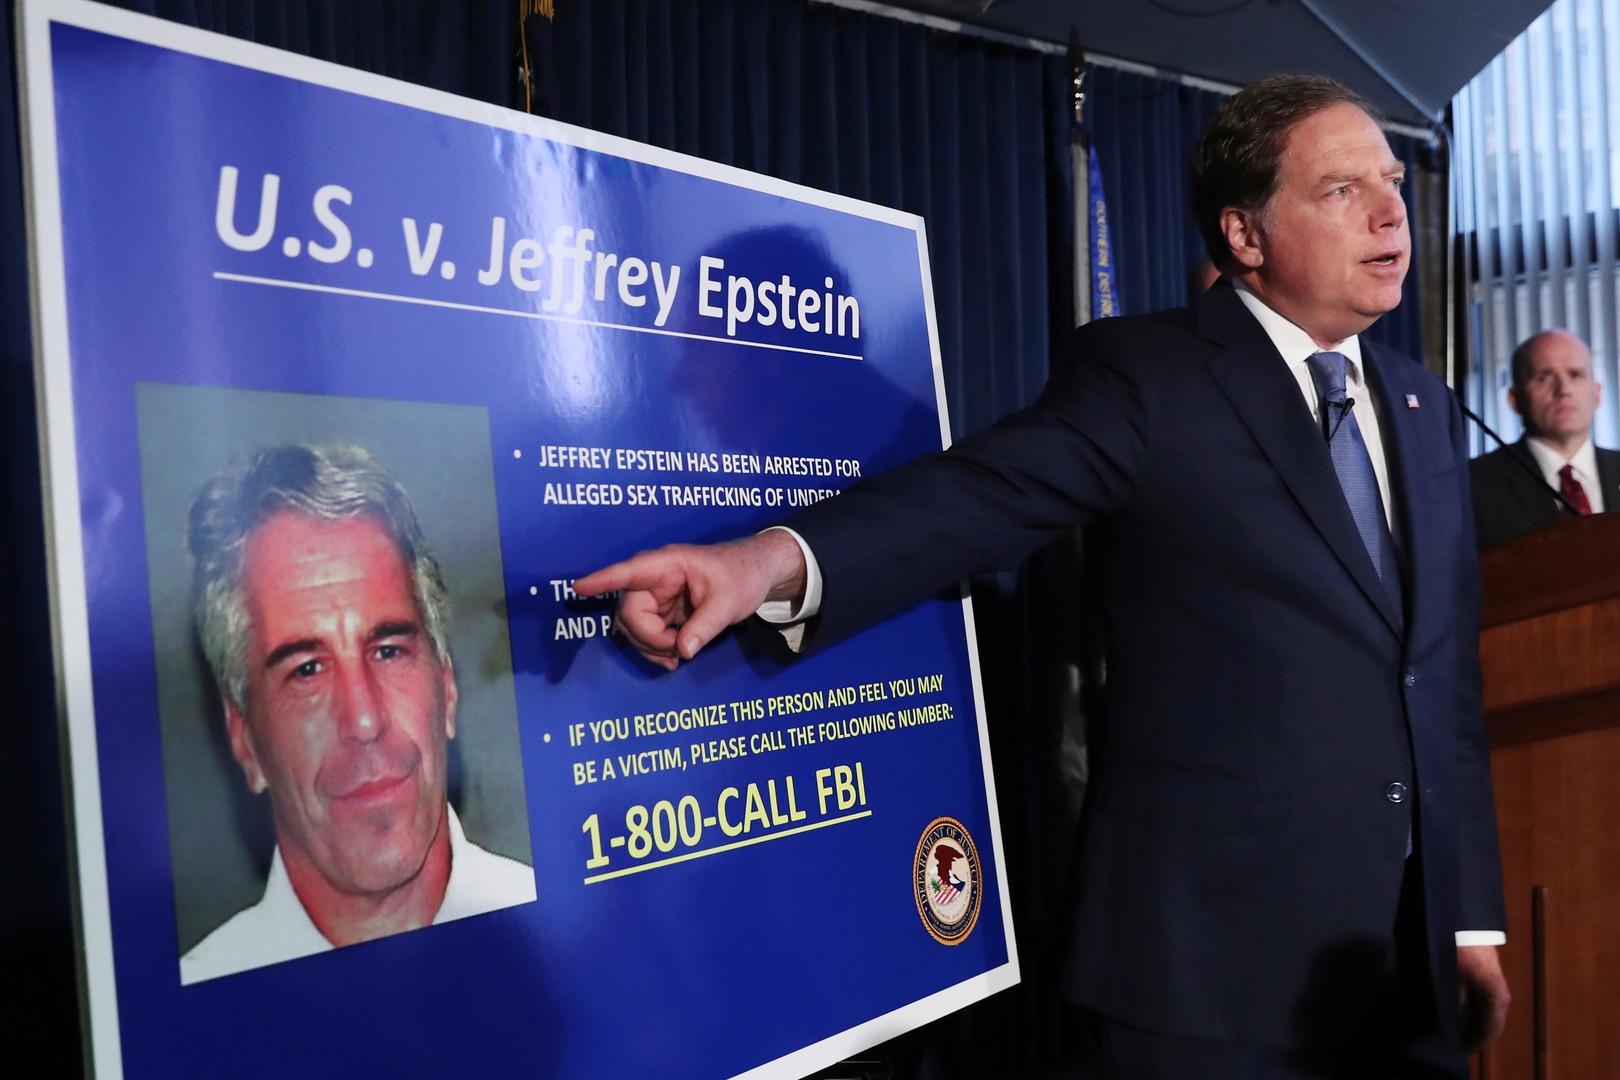 الطب الشرعي يكشف سبب وفاة الملياردير الأمريكي جيفري إبشتاين في زنزانته